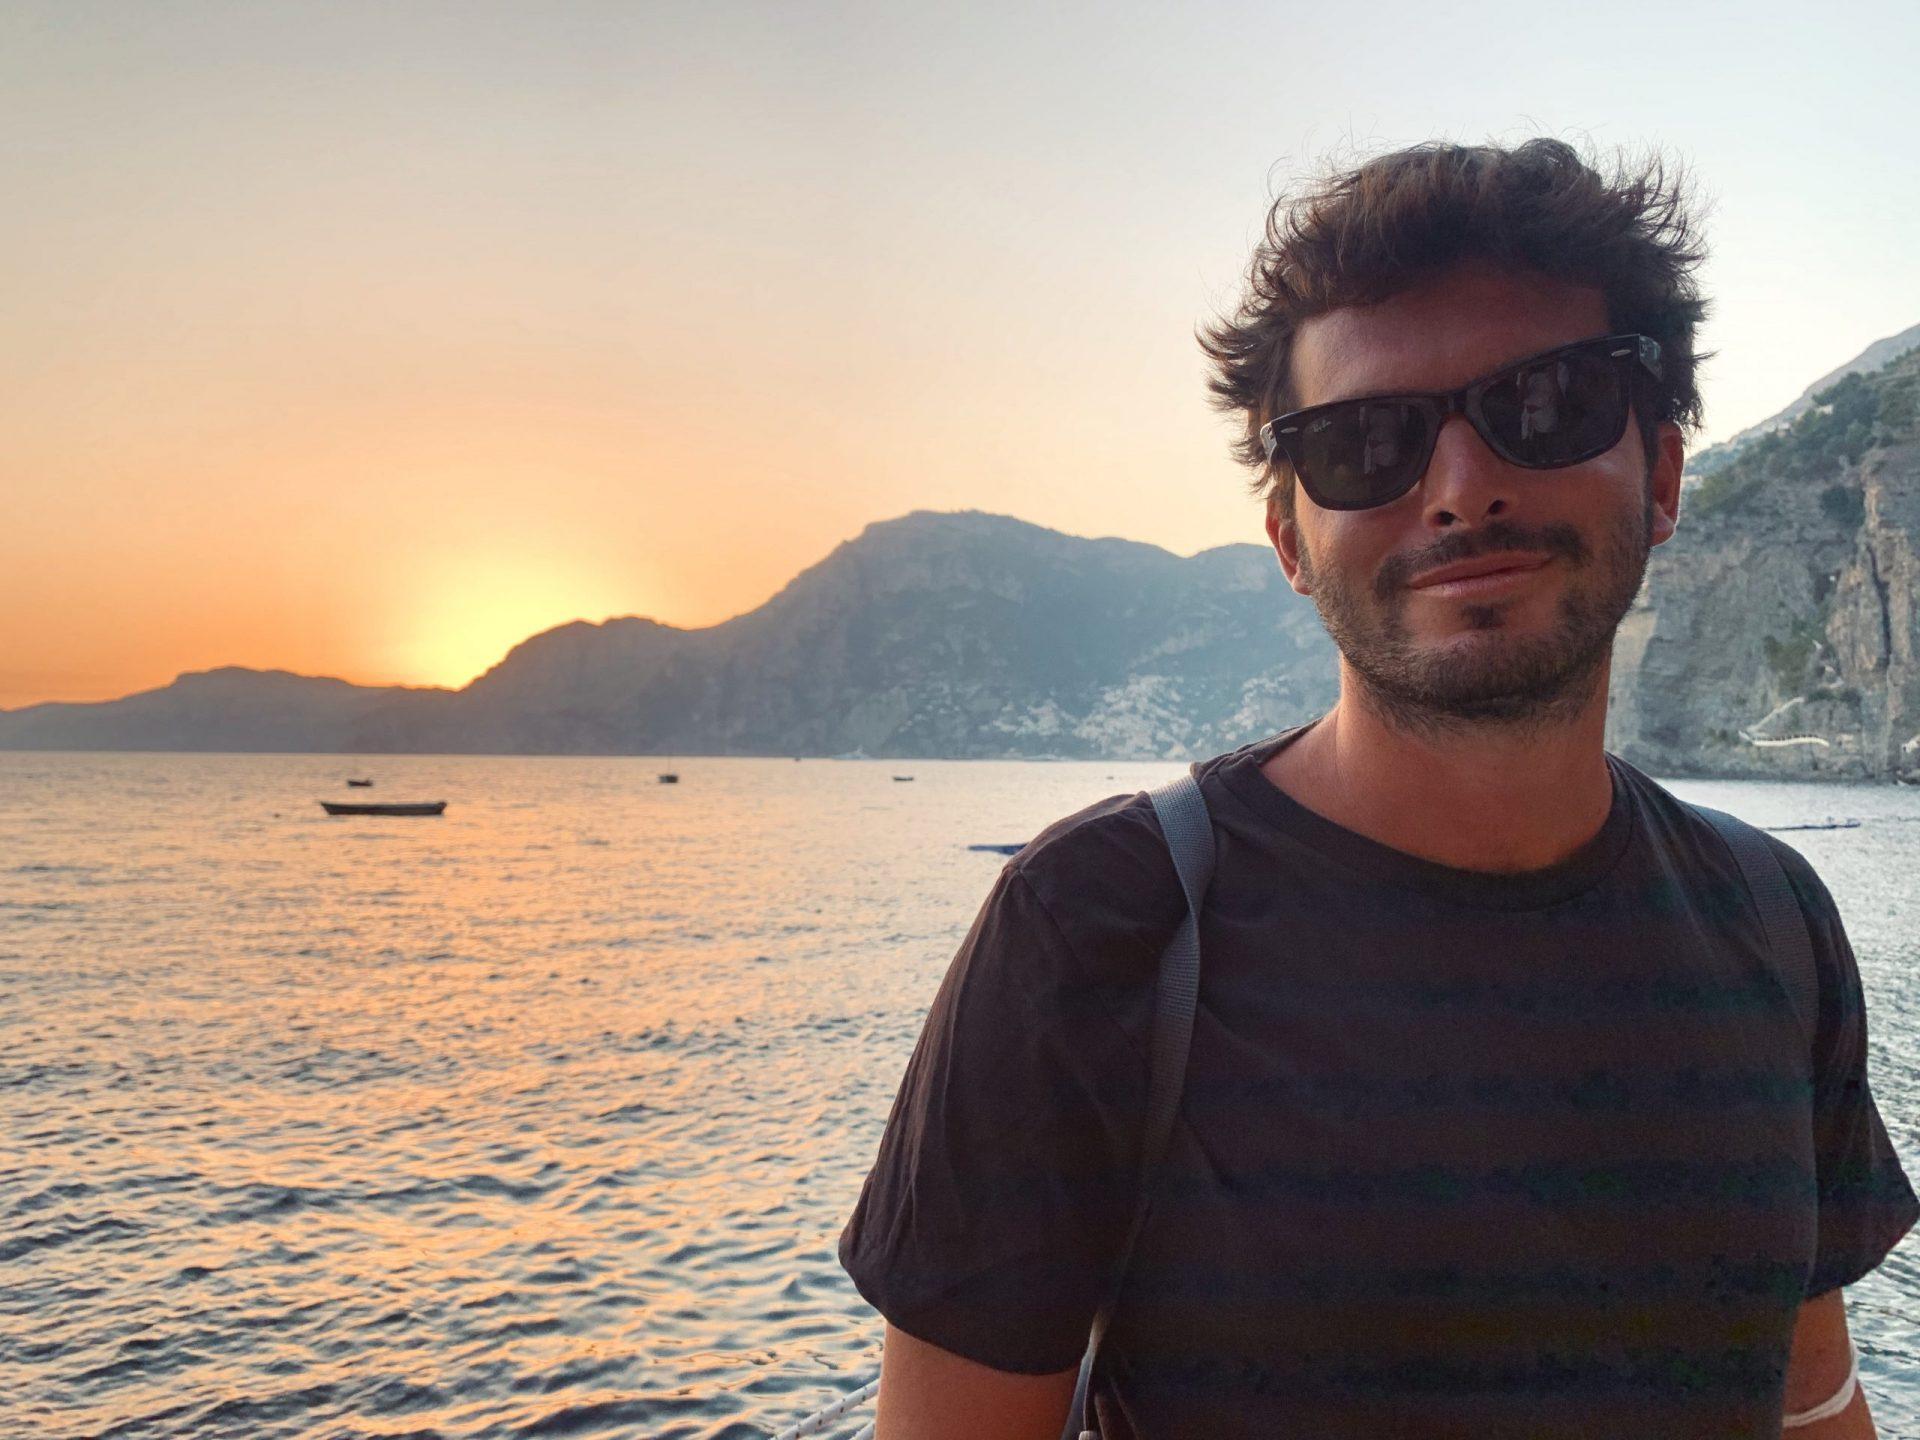 Sunset in Positano, Amalfi Coast